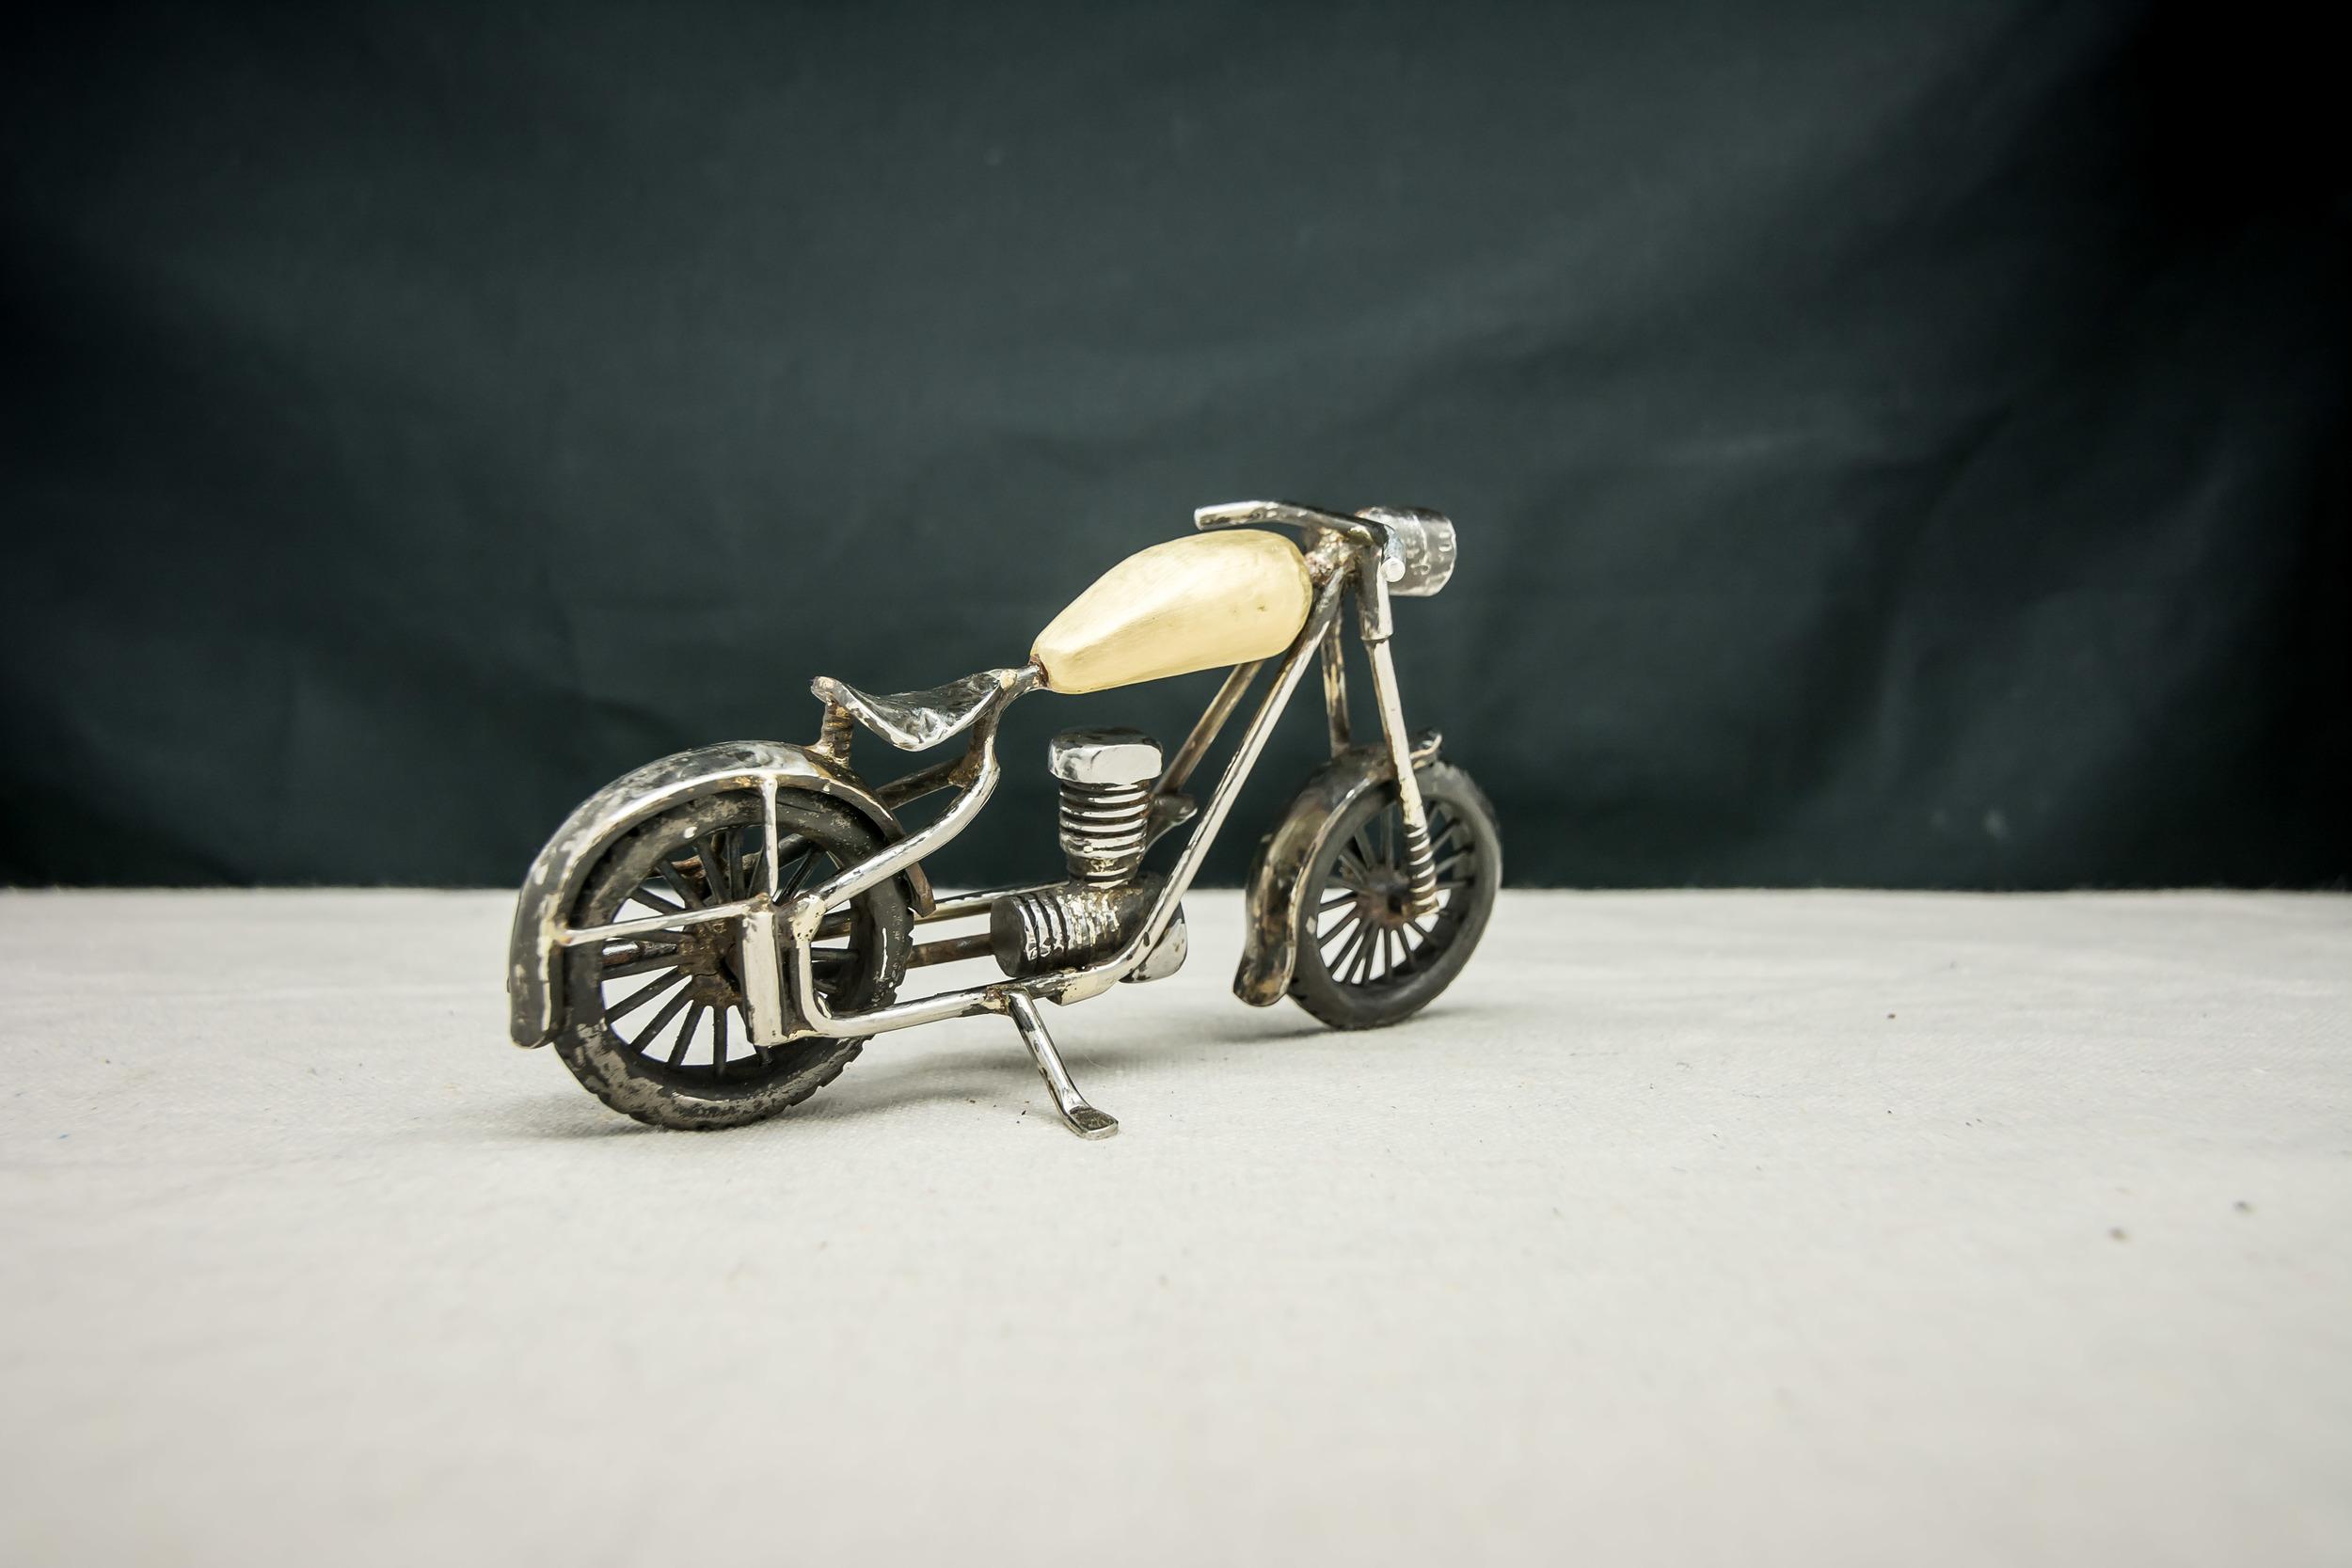 Vintage Motorcycle-11.jpg